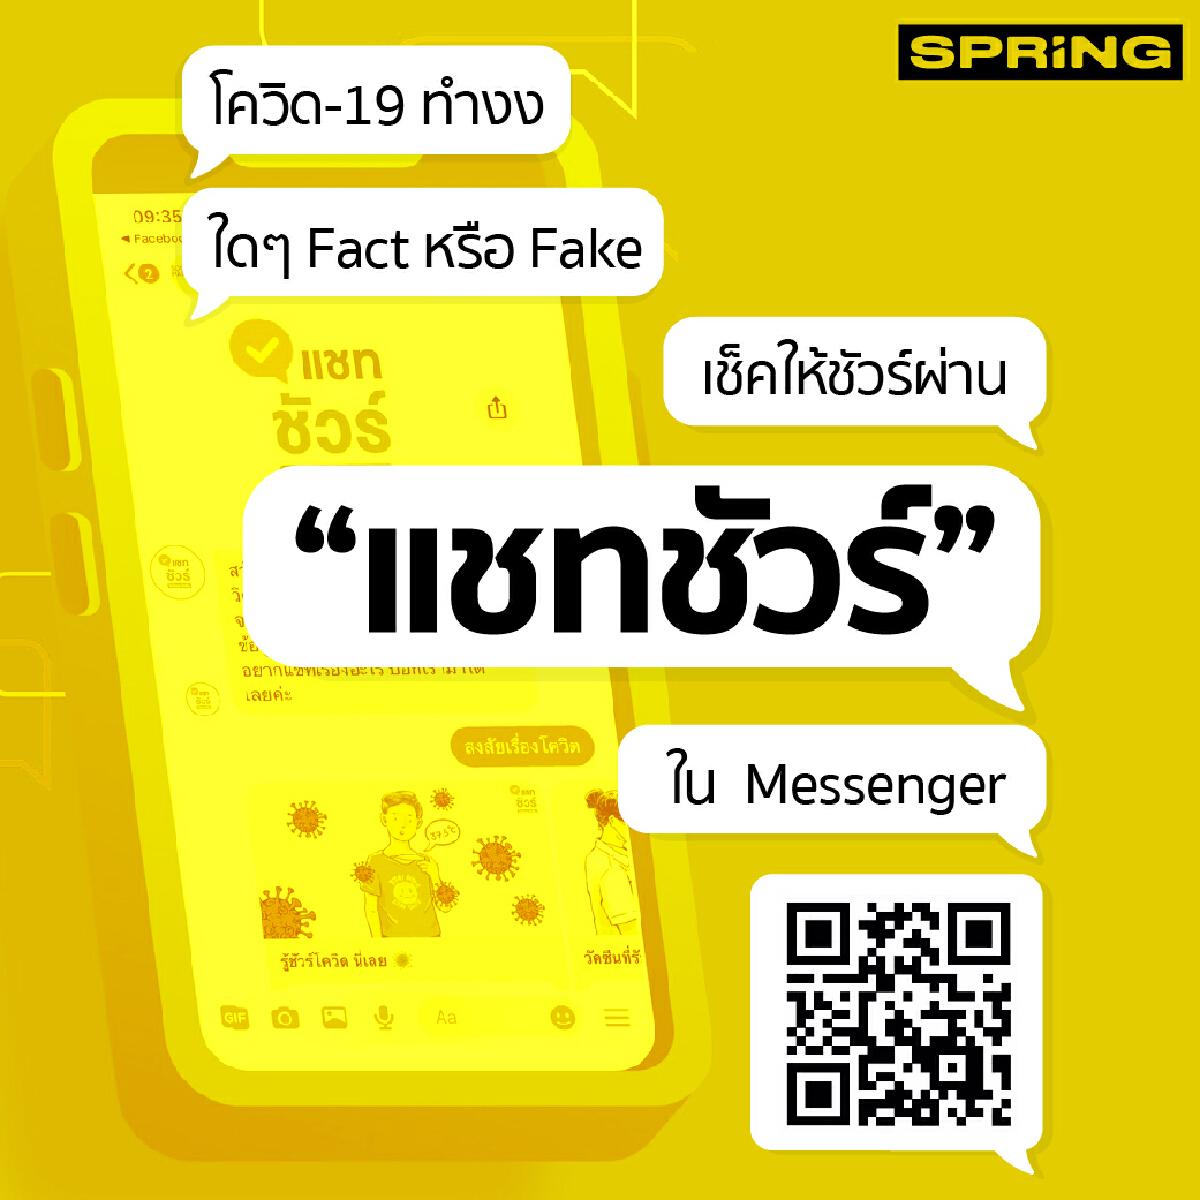 """โควิด-19 ทำงง ใดๆ Fact หรือ Fake เช็คให้ชัวร์ผ่าน """"แชทชัวร์"""" ใน Messenger"""